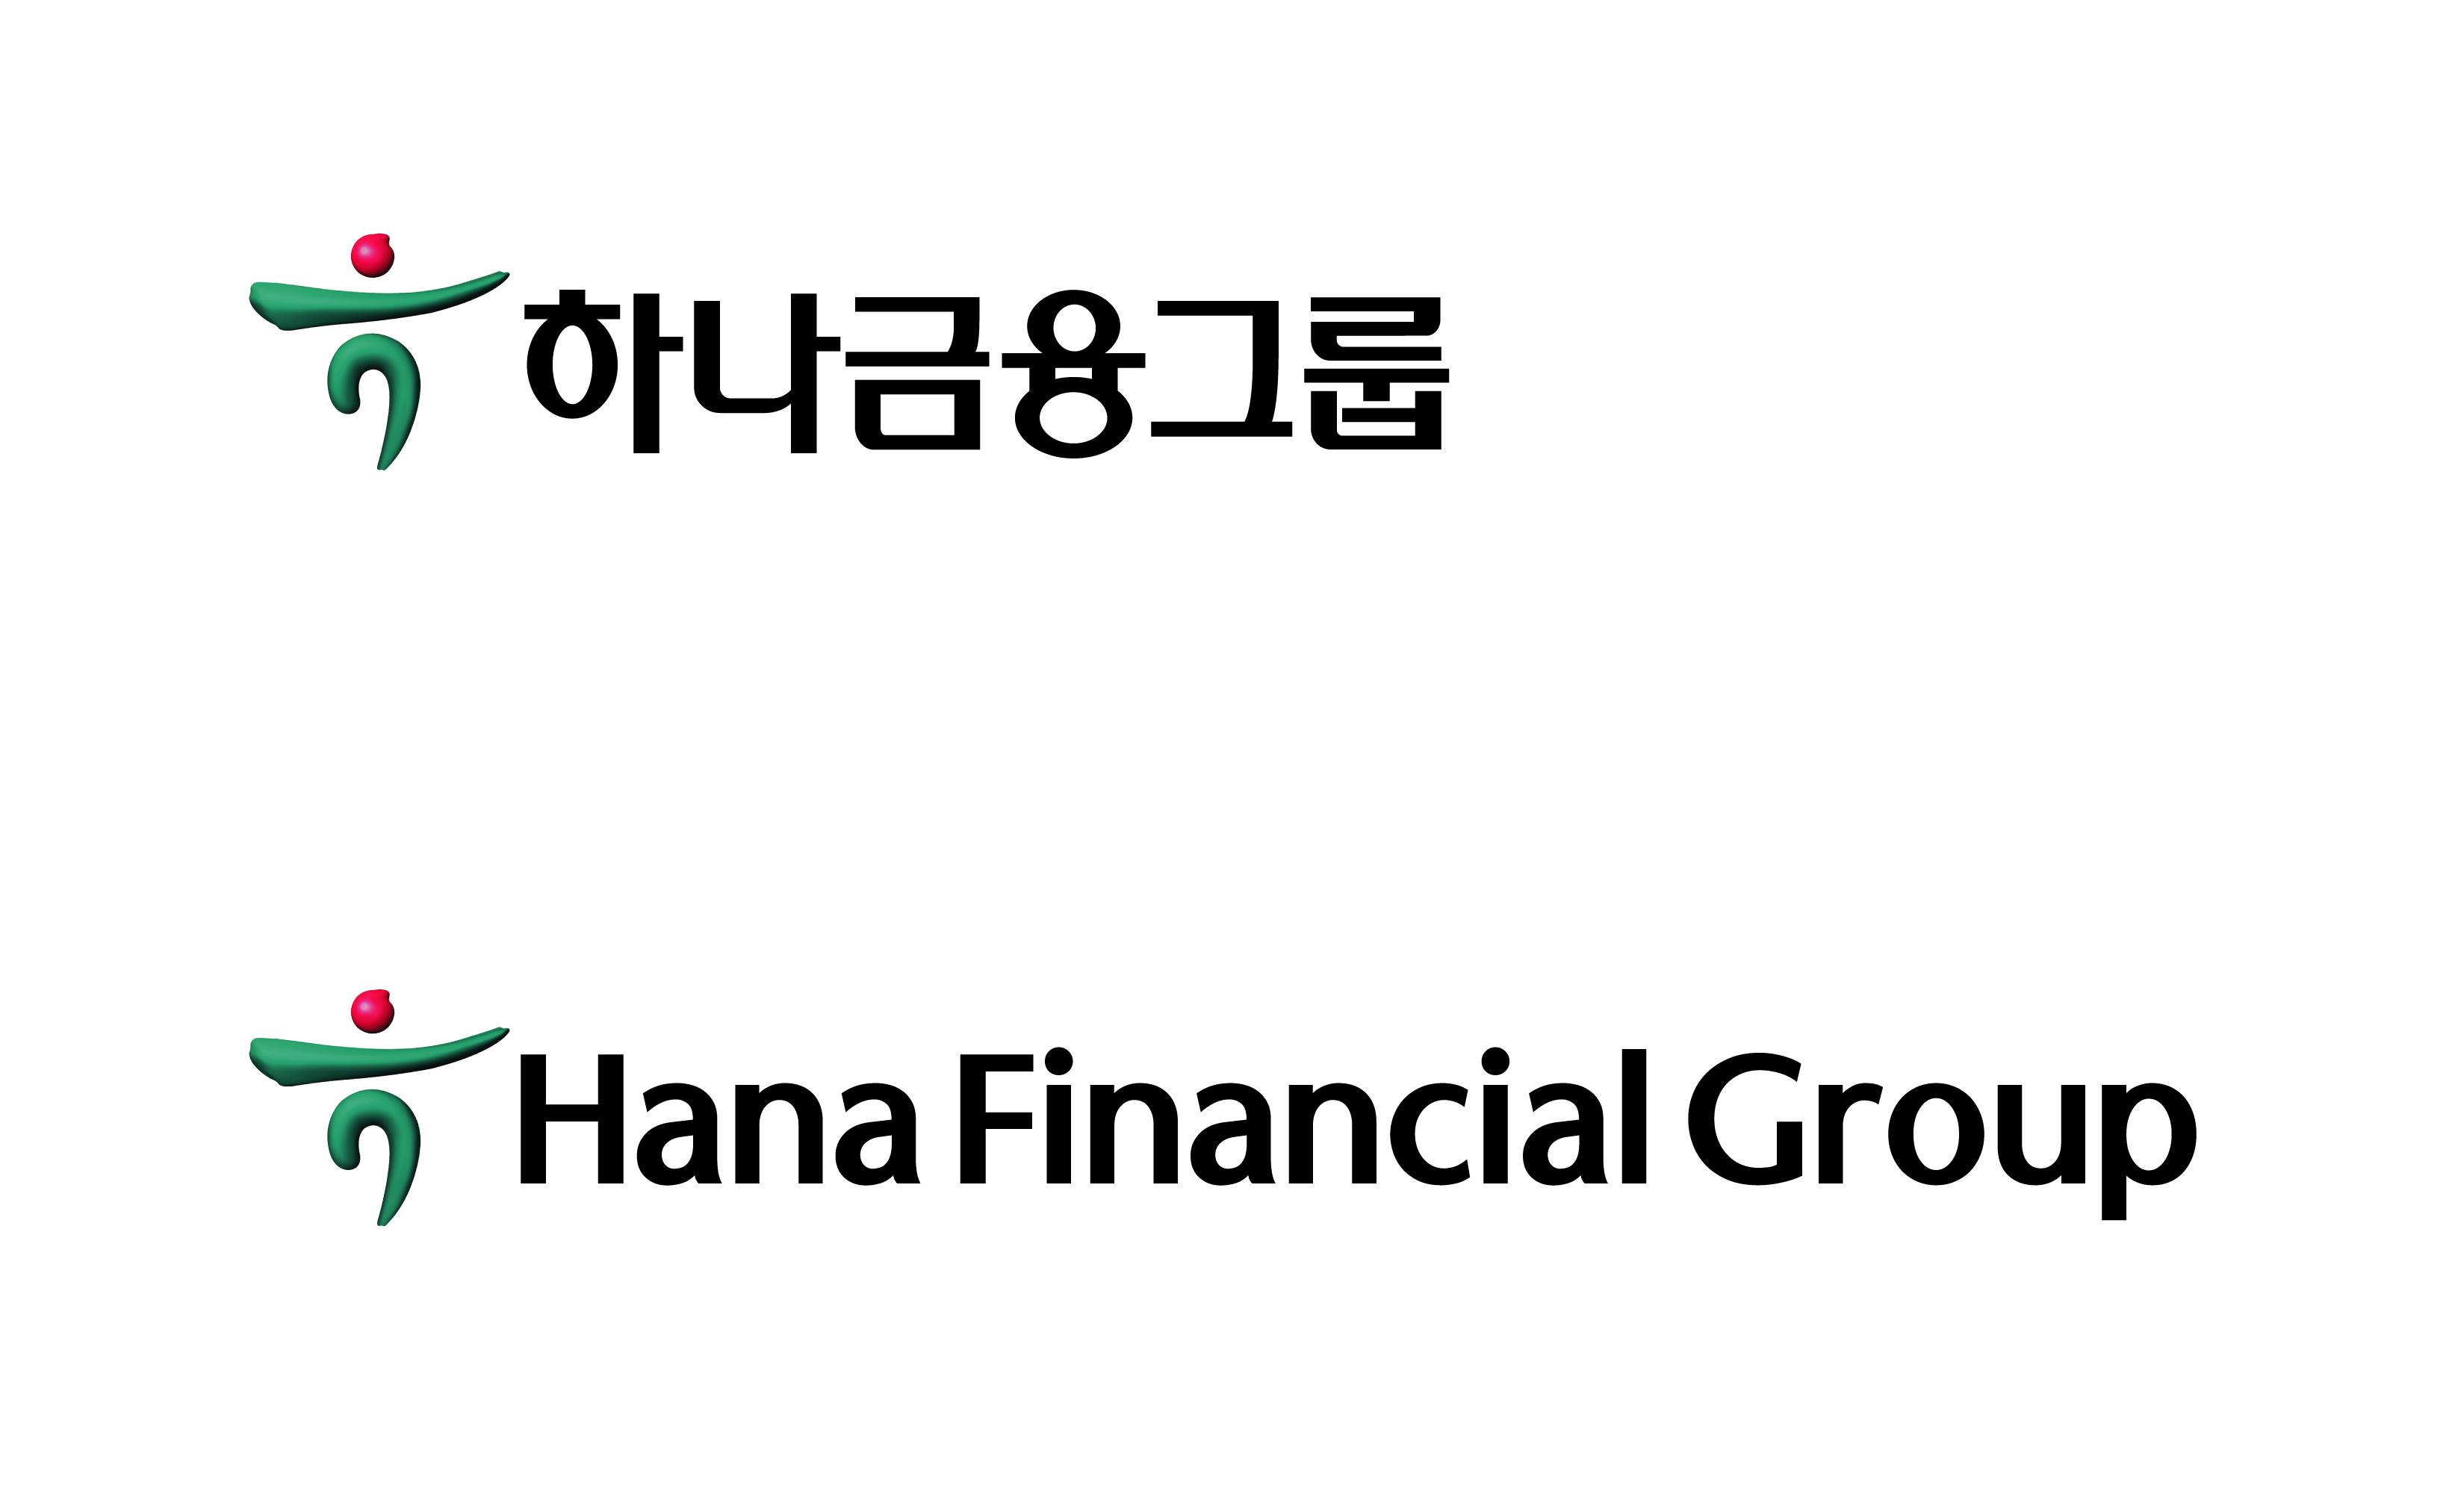 하나금융의 계열사 하나에프앤아이(주)의 로고